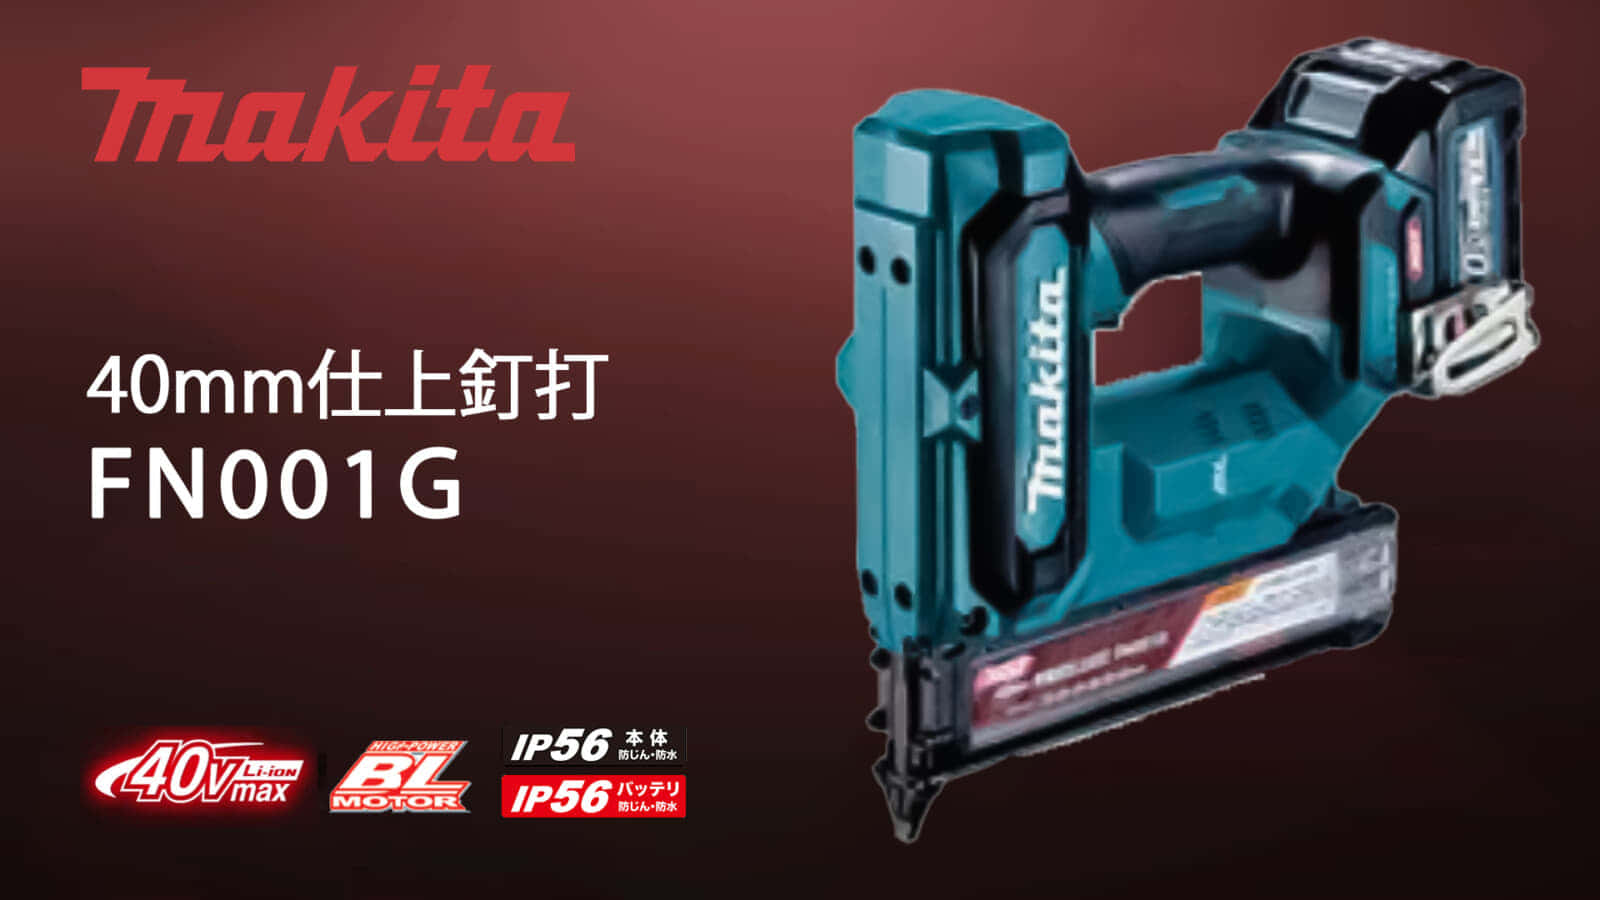 マキタ FN001G 40mm仕上釘打を発売、40Vmax初の電動釘打機